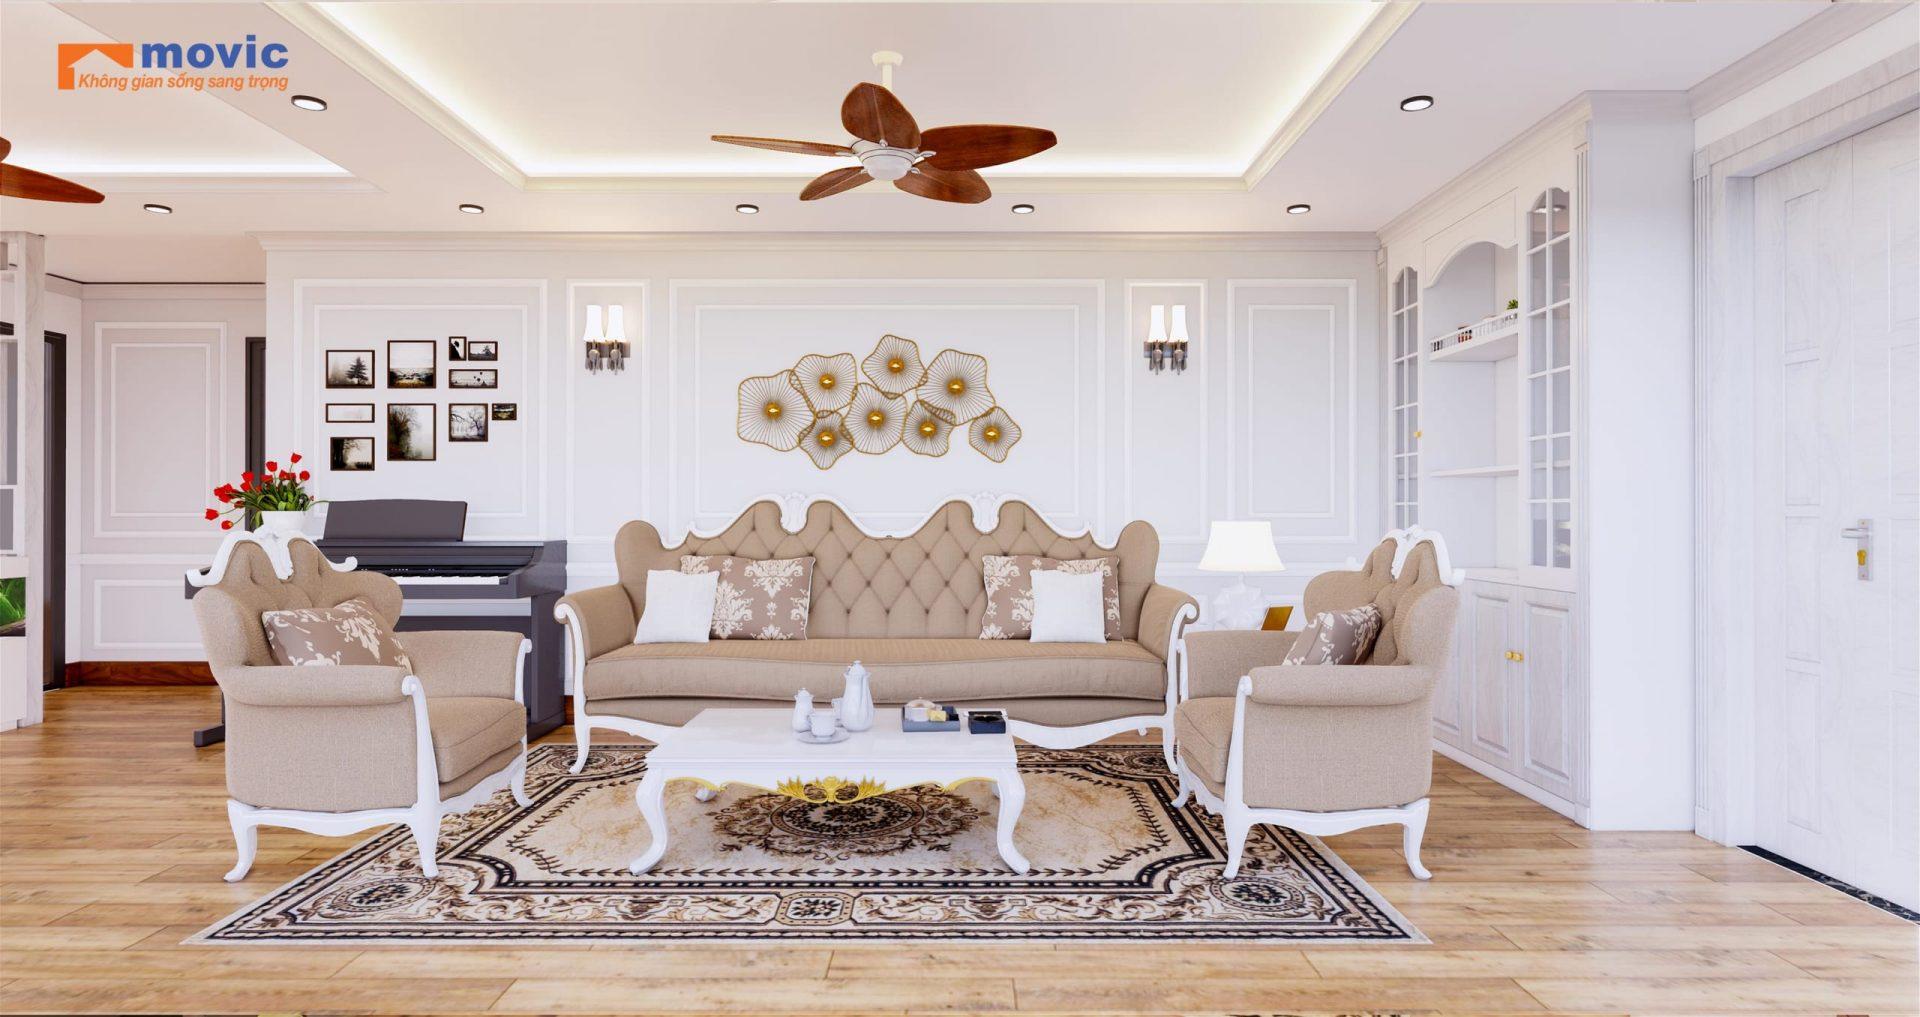 Mẫu nội thất chung cư hiện đại